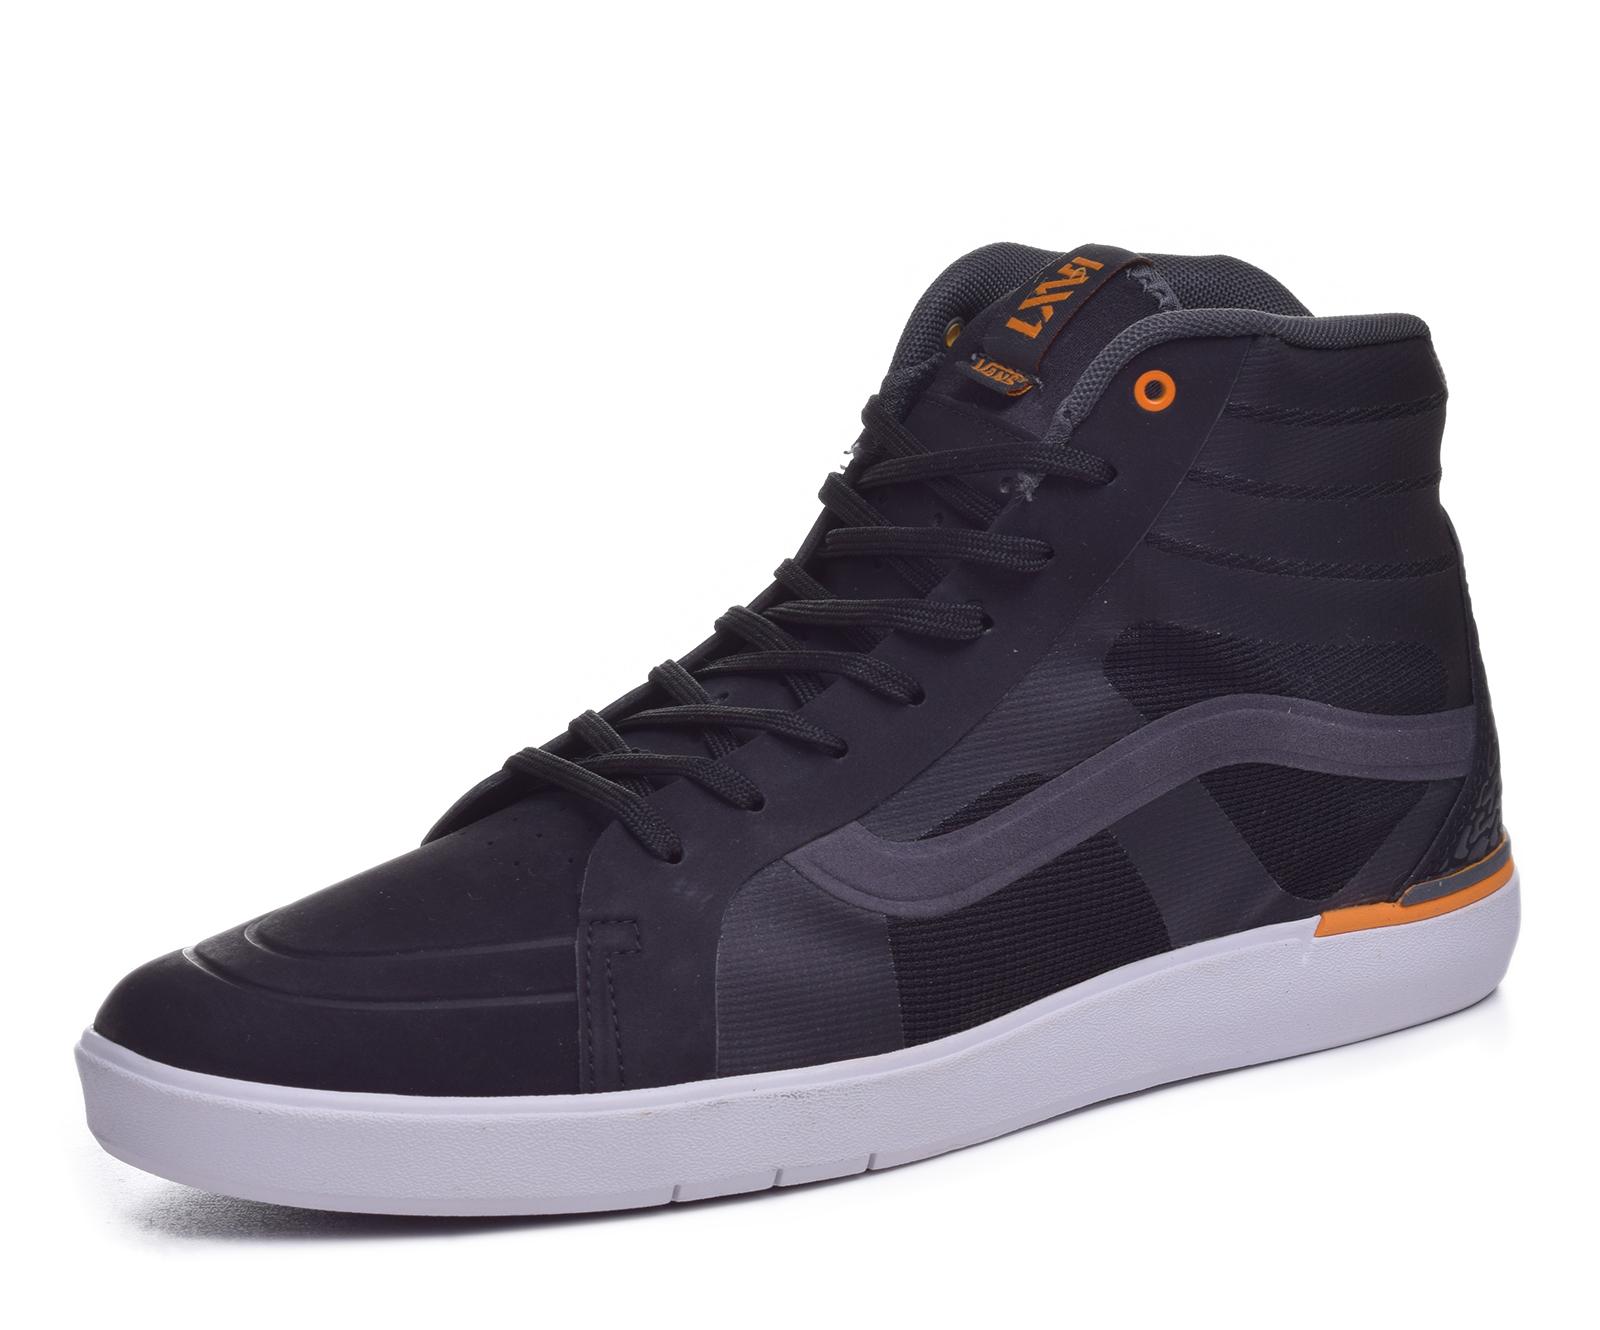 Vans Ultracush Shoes Sale